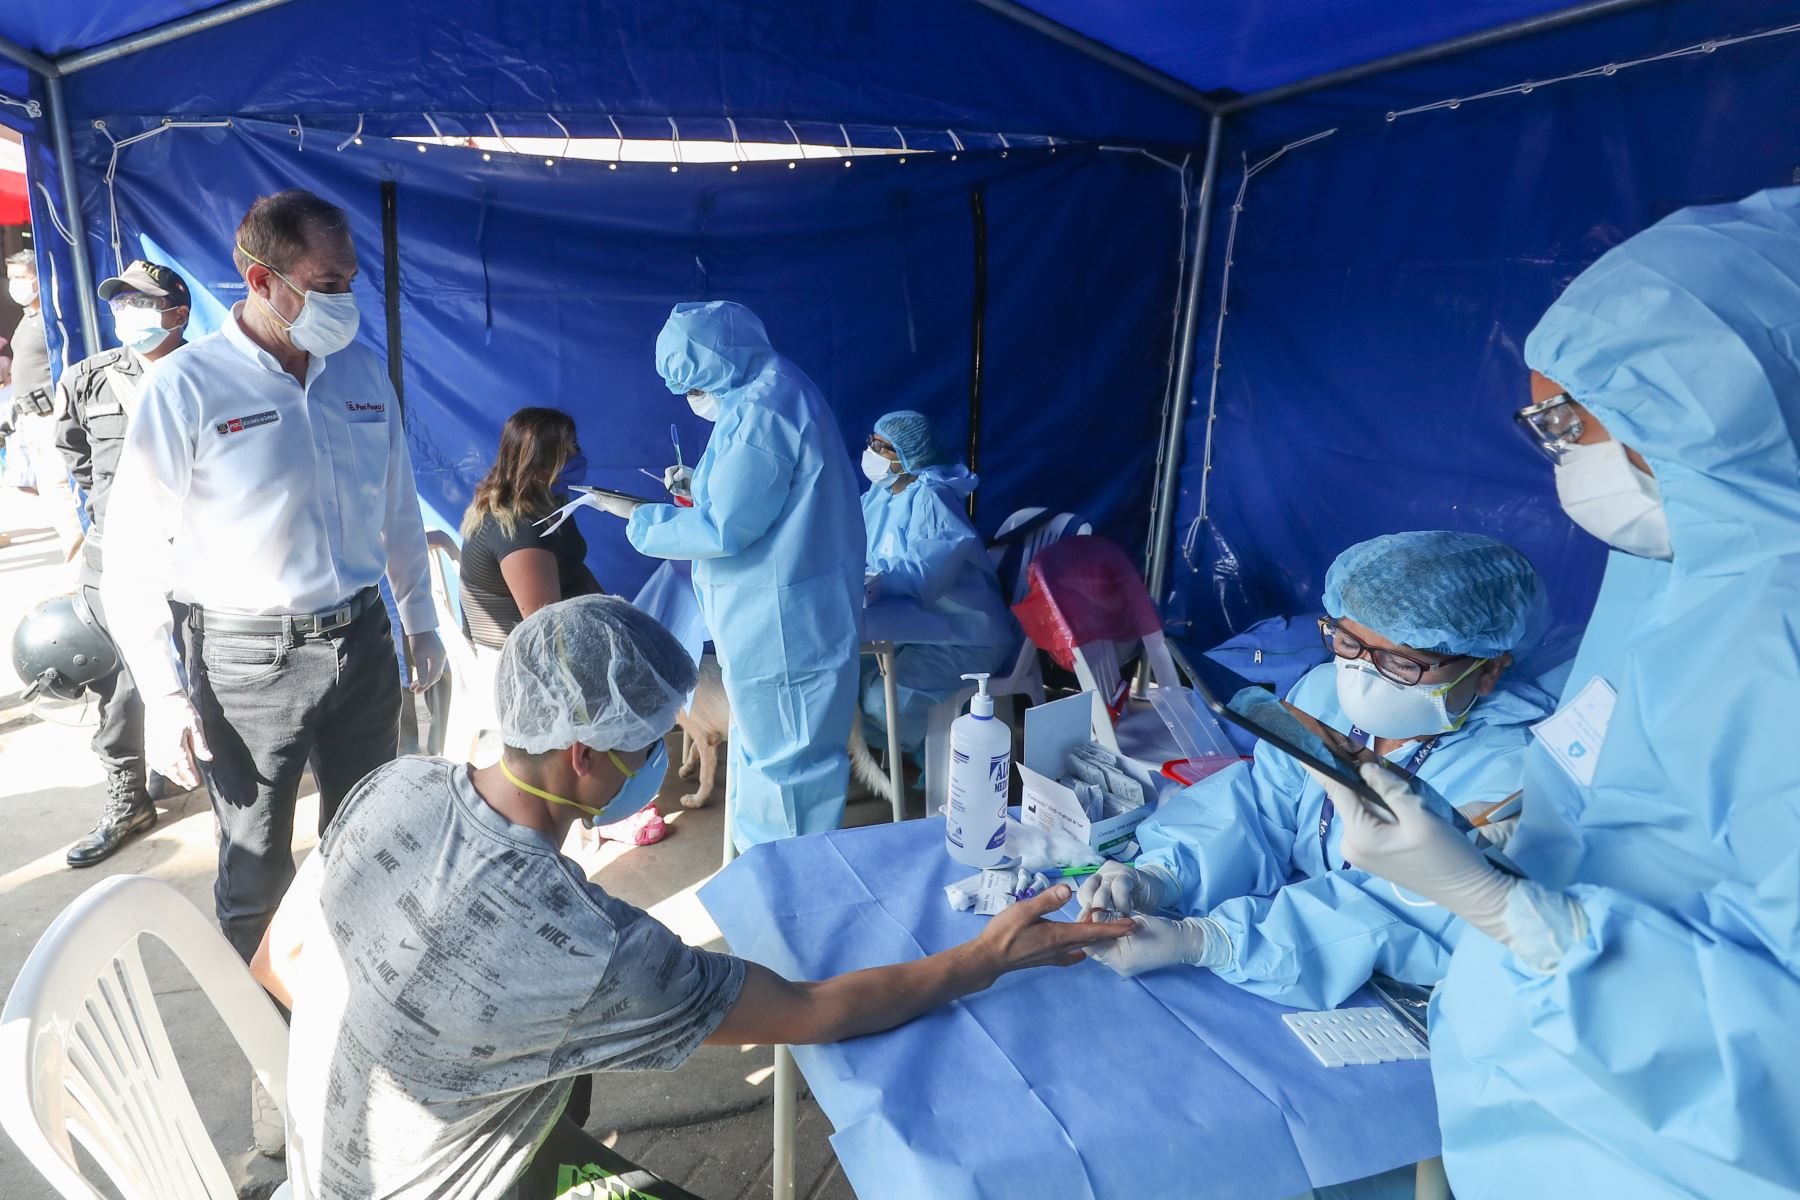 Foto: Personal de salud tomando muestras en el mercado Caquetá ubicado en el distrito del Rimac / Foto: Andina